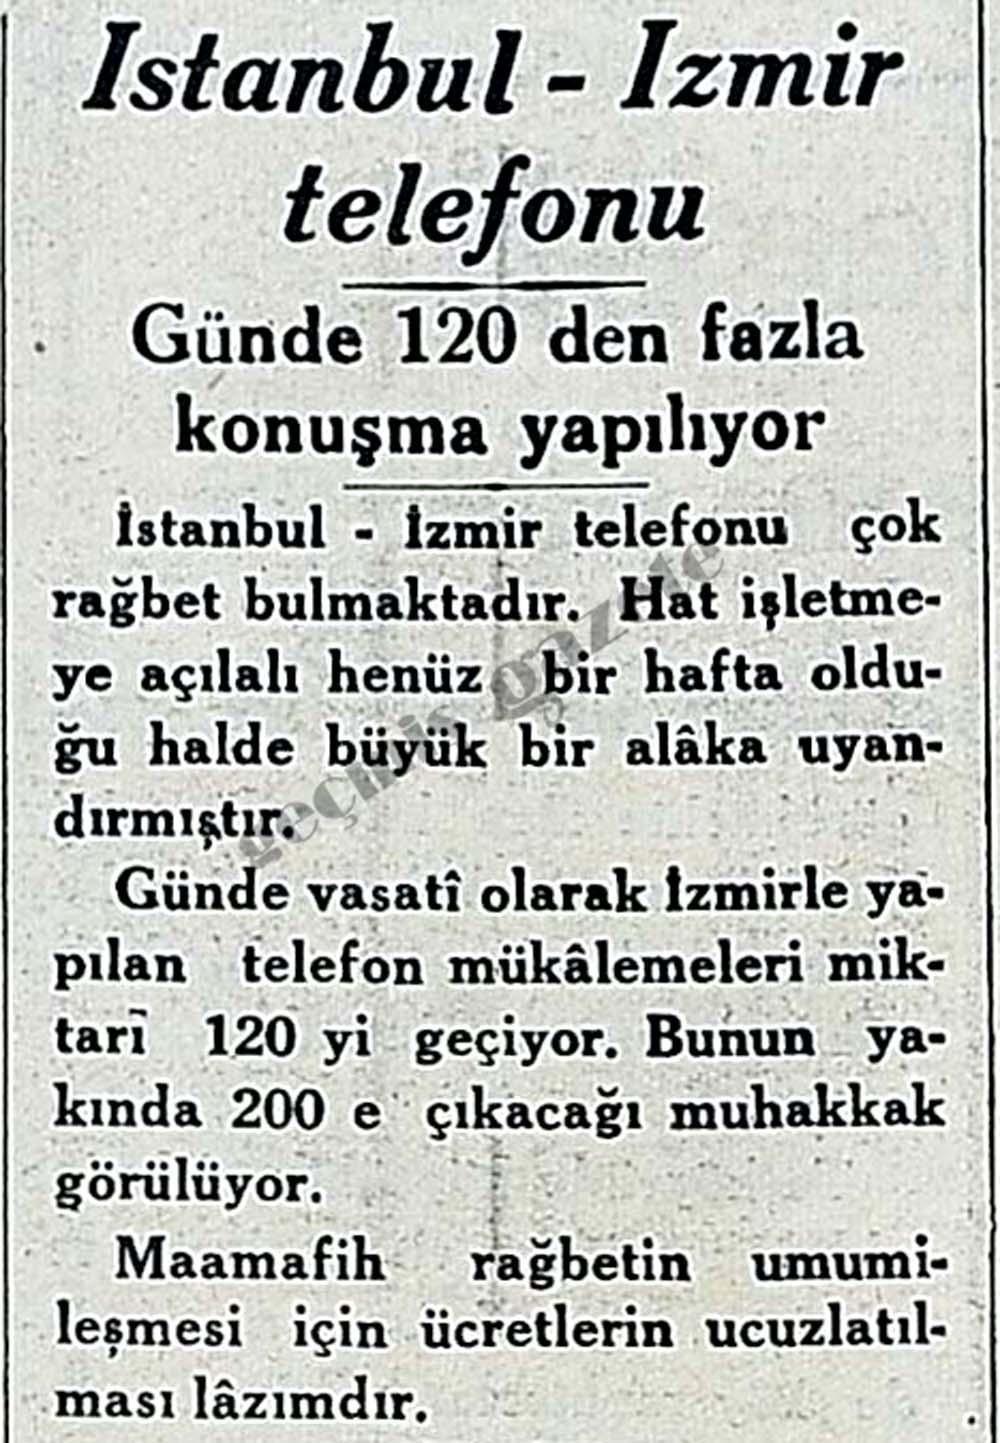 İstanbul-İzmir telefonun: Günde 120 den fazla konuşma yapılıyor